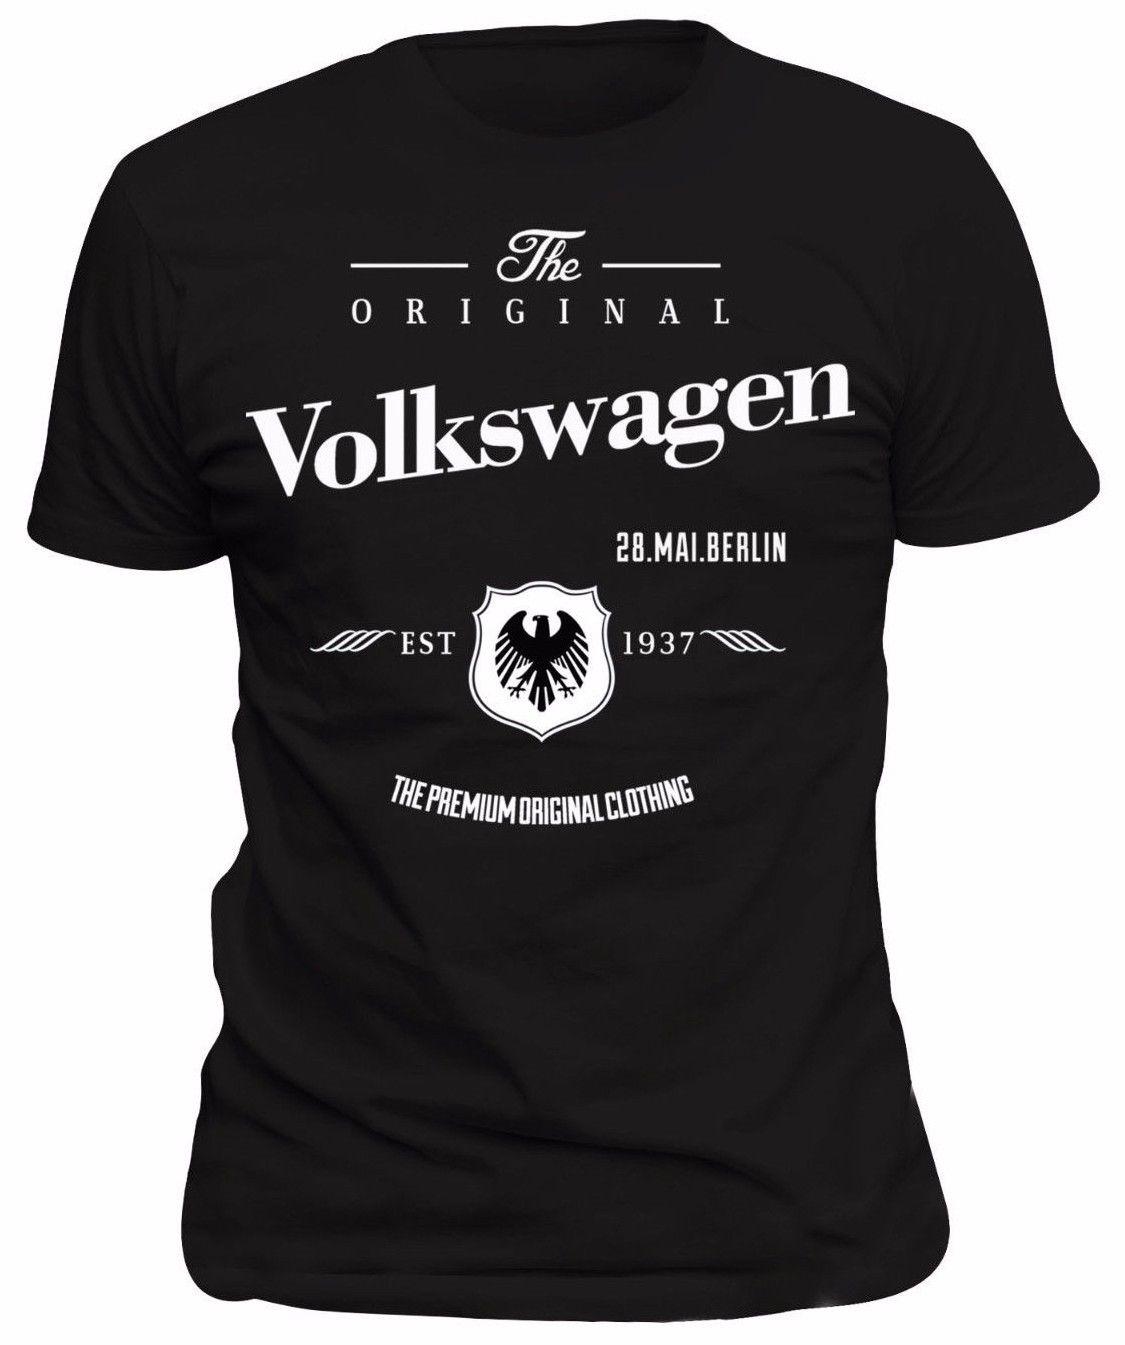 2018 Hot Sale T-Shirt Tiguan, Passat, Touran, Shar ,TDI, GTI GOLFING Berlin car fans FUN 256_ S Summer Style Tee Shirt